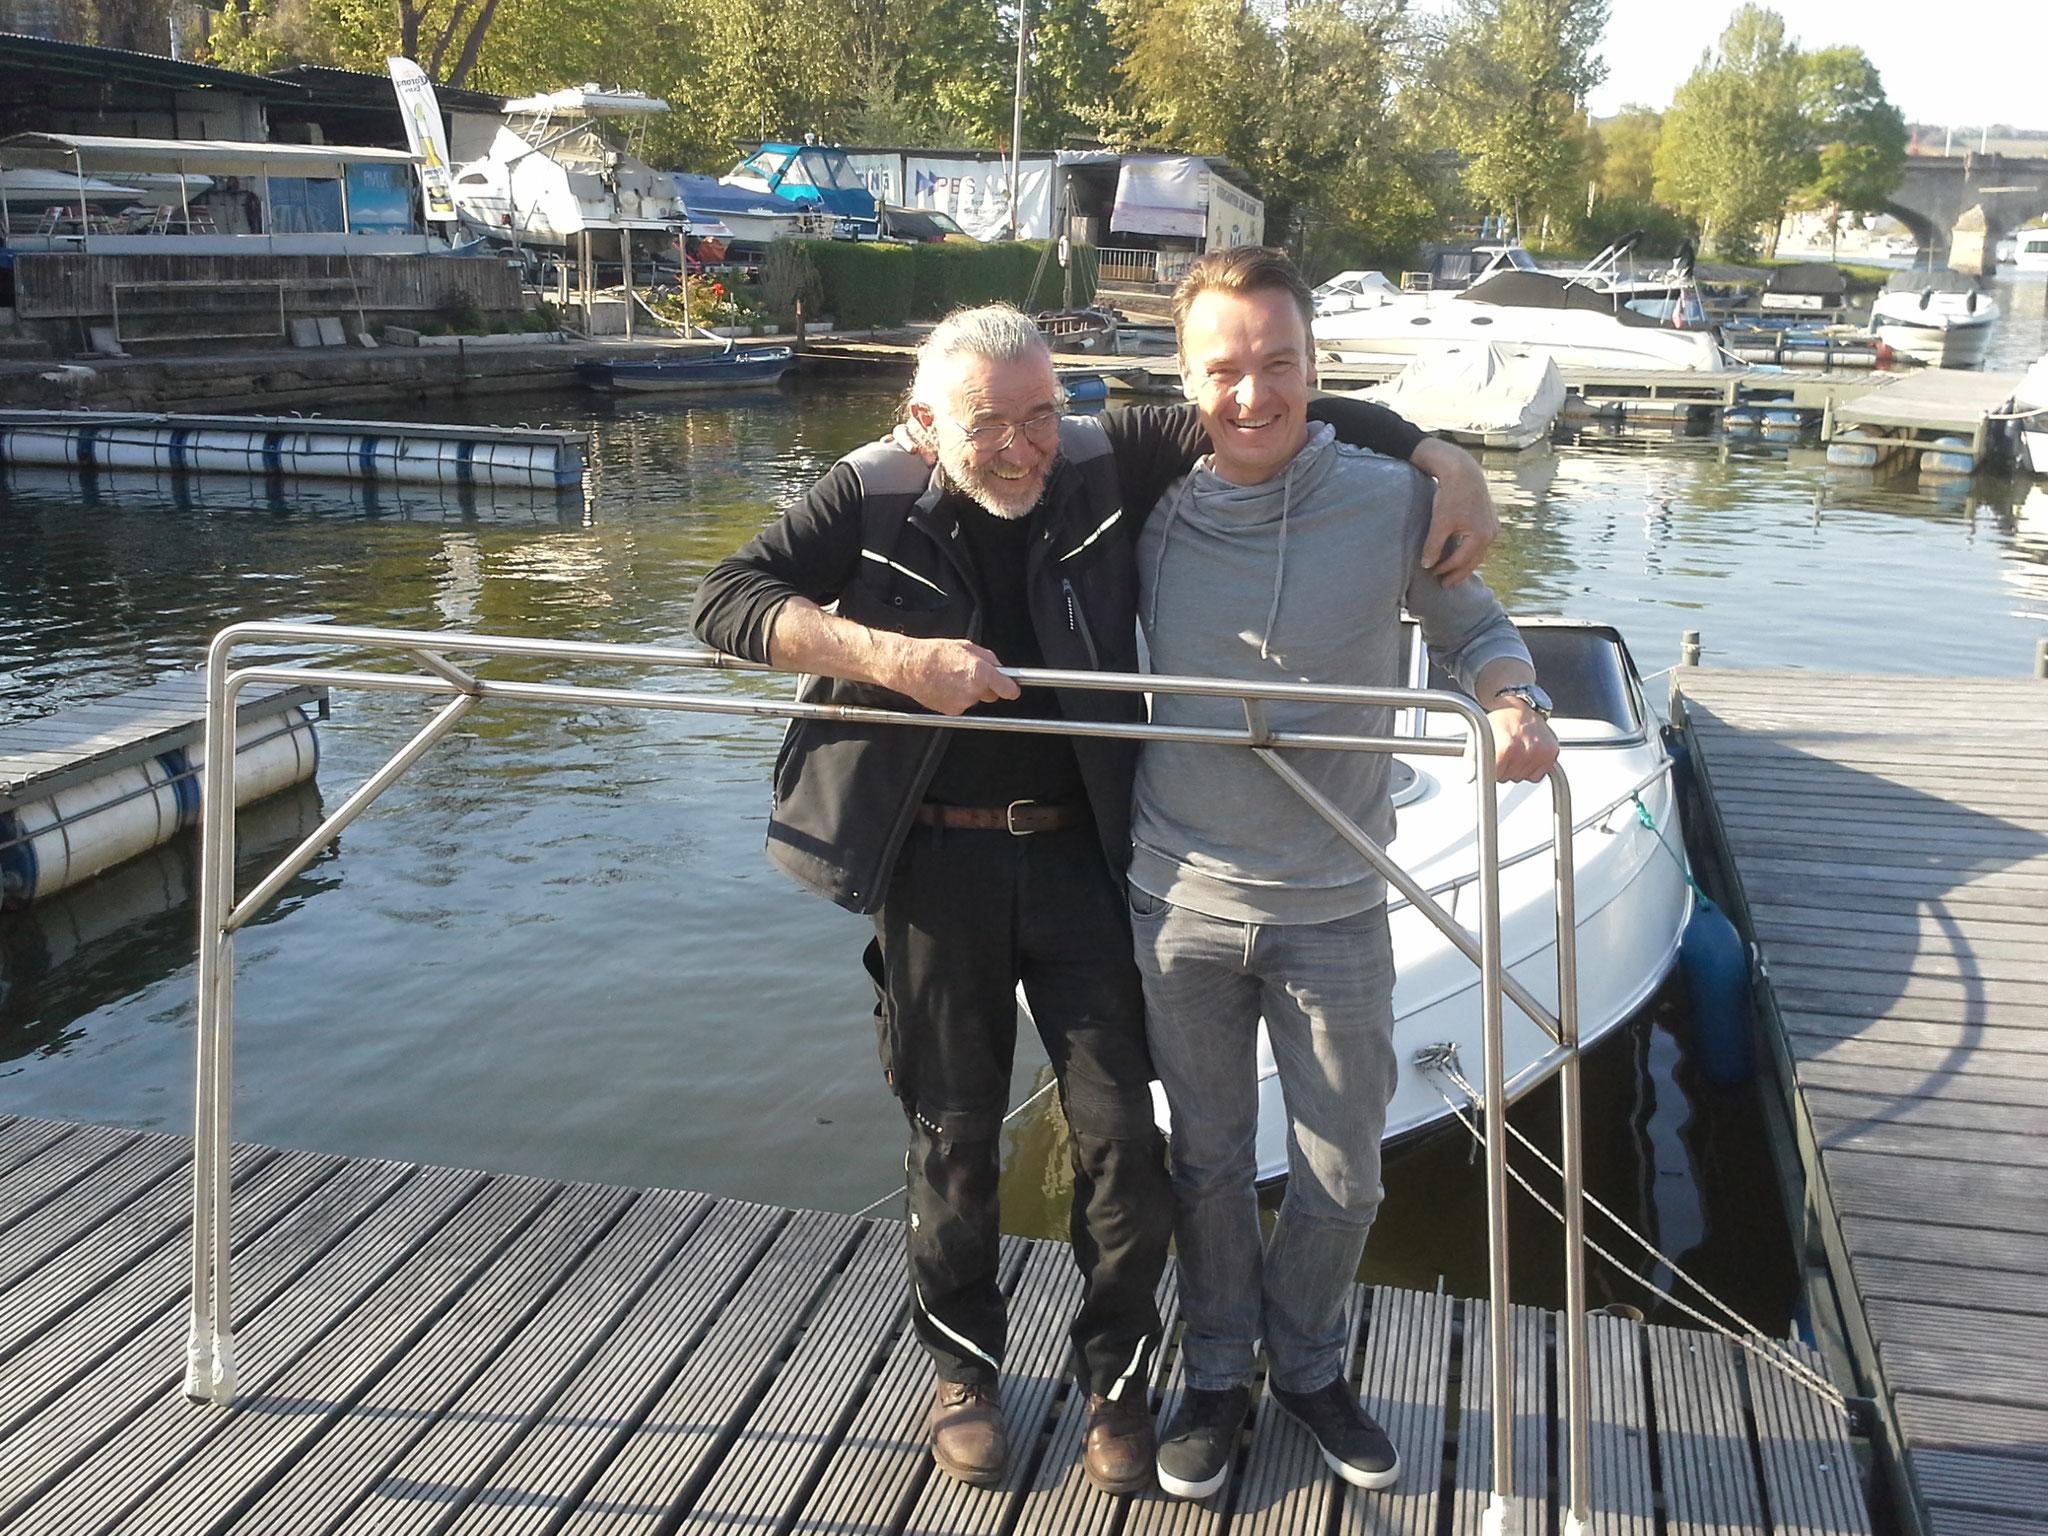 Und so gings los am Hafen, Stevan und Marco bringen den bisher nur gehefteten Geräteträger nach ausgiebiger Planung und Vorbereitung